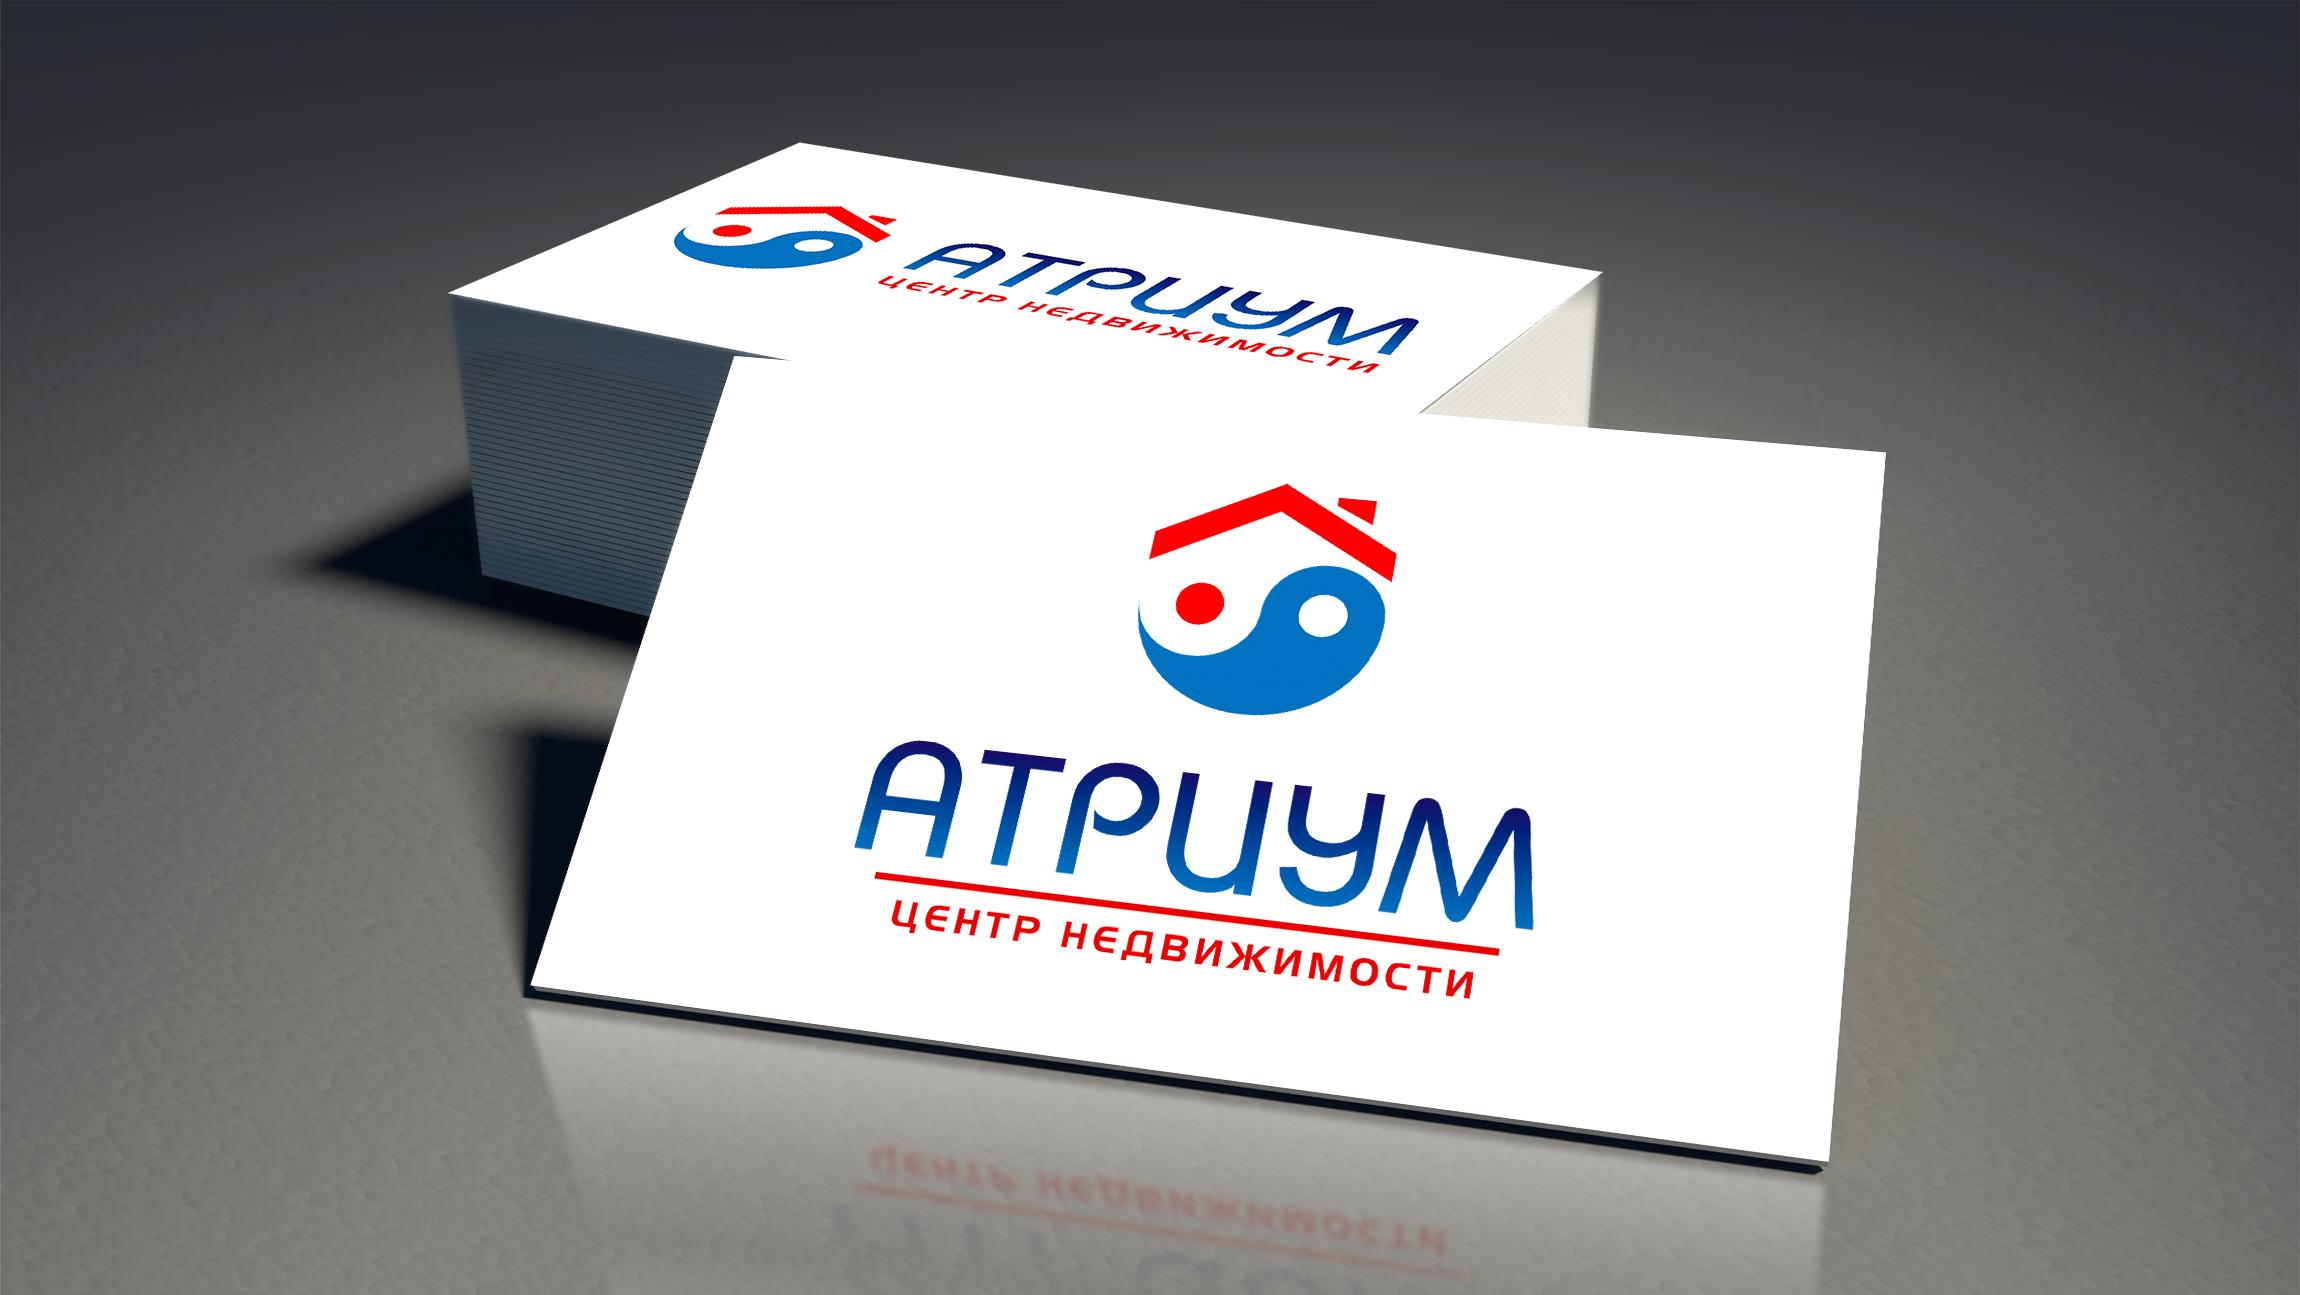 Редизайн / модернизация логотипа Центра недвижимости фото f_9625bd37d6e17da8.jpg